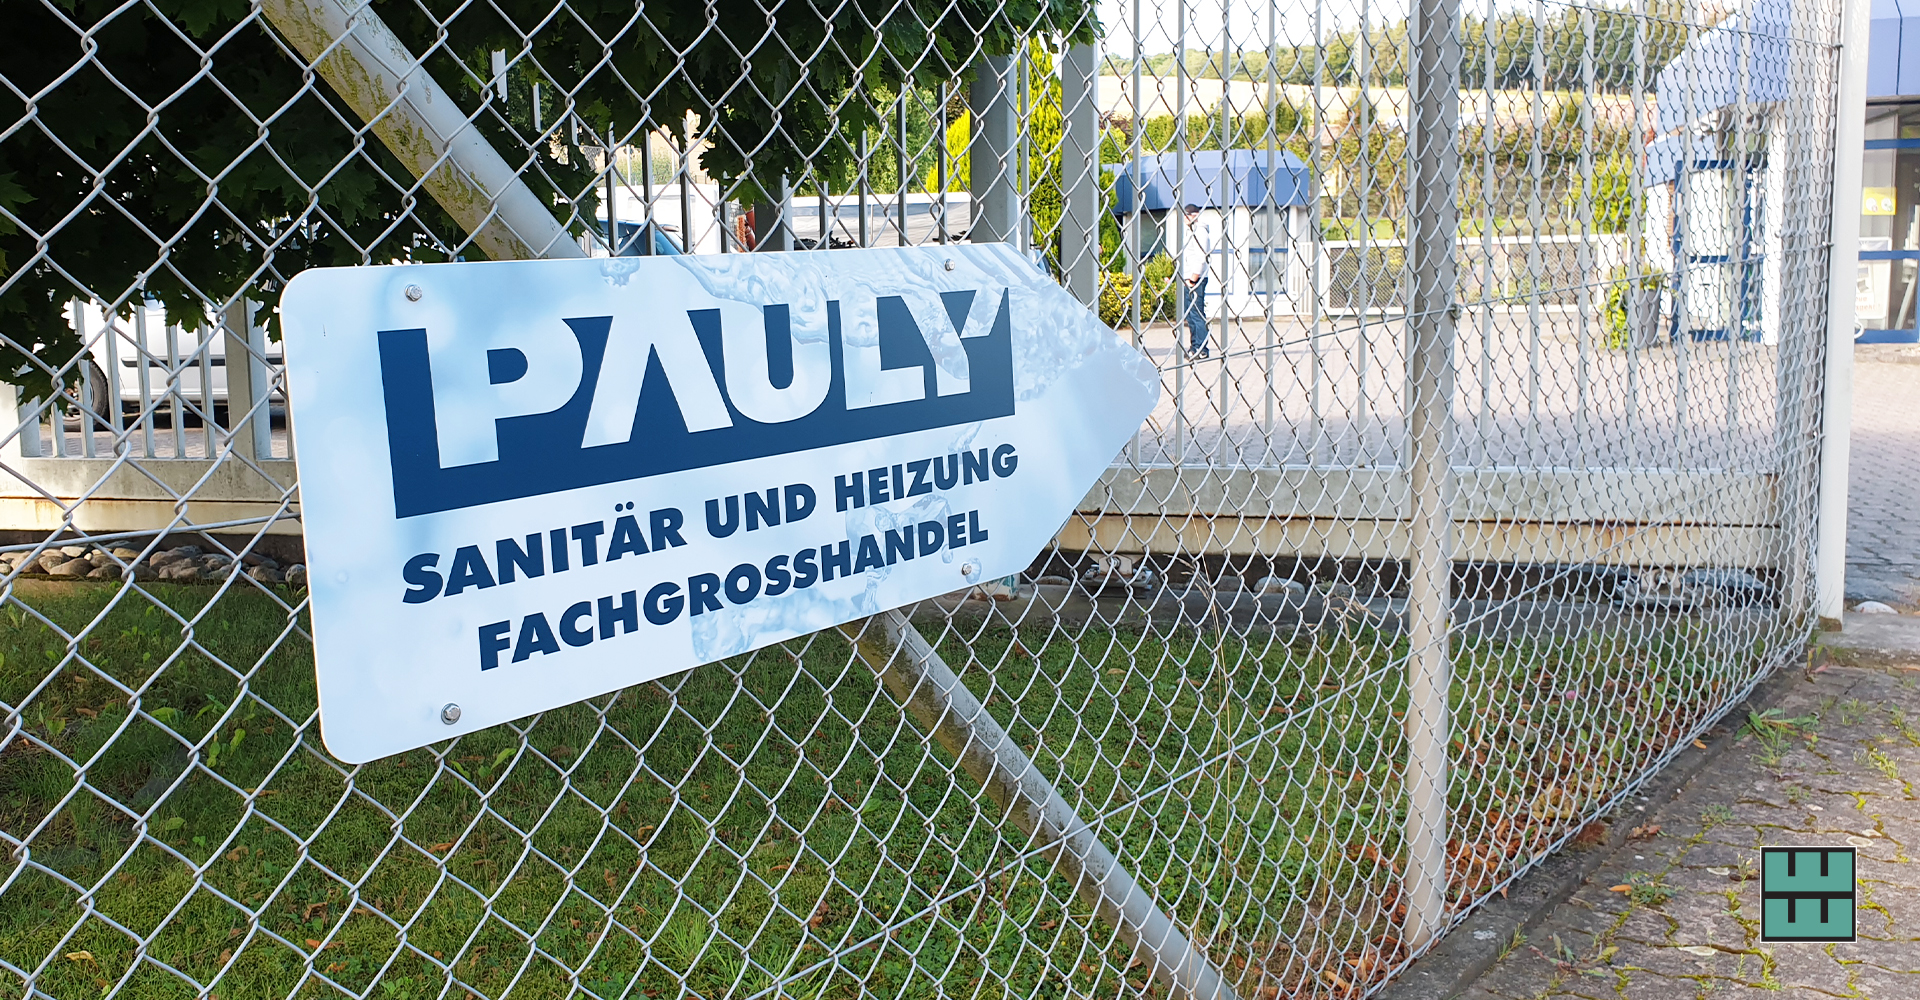 Die Firma Pauly aus Alfeld präsentiert sich im einheitlichen Design und hat in dem Zug ihre Hinweisschilder aktualisiert.